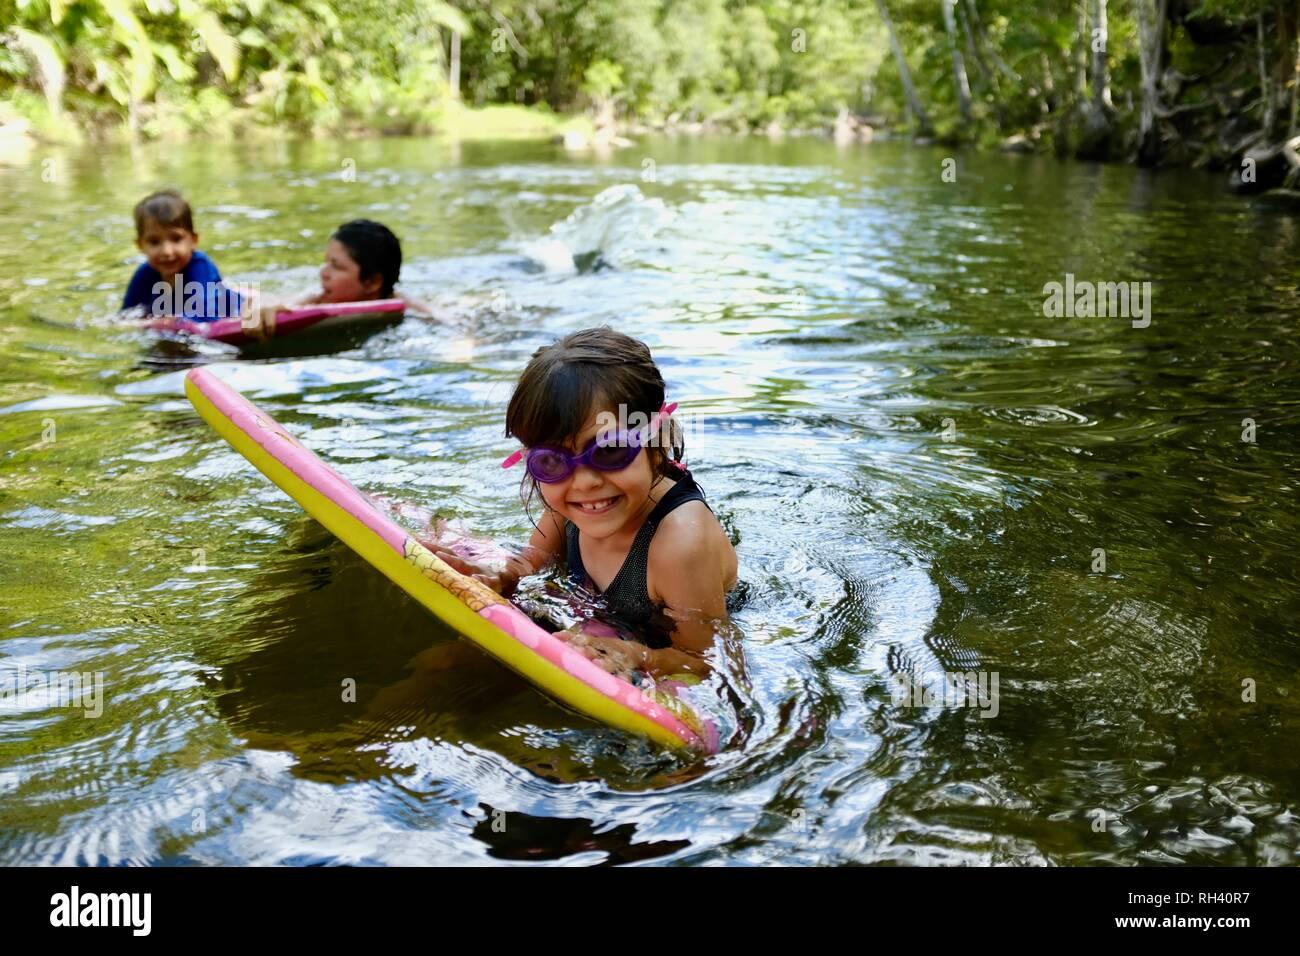 Jeune fille paddles sur une planche de surf avec la famille en arrière-plan, Finch Hatton, Queensland 4756, Australie Banque D'Images